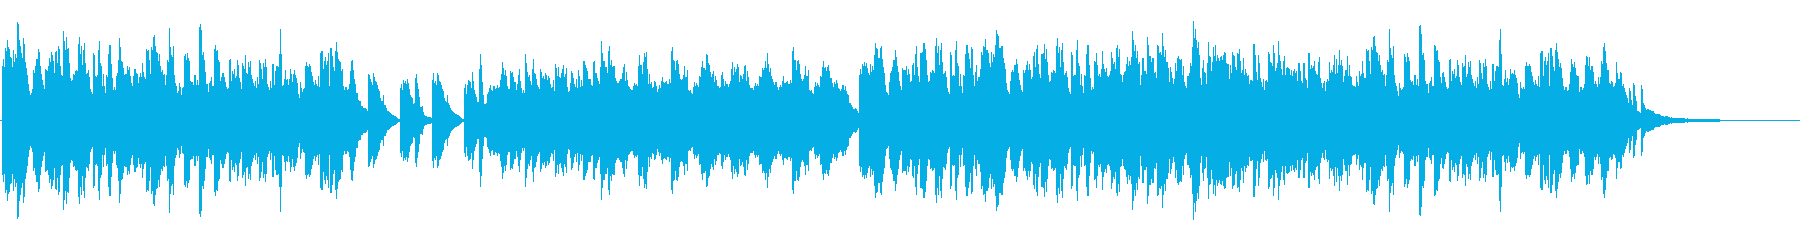 暖かき過去の残滓の再生済みの波形